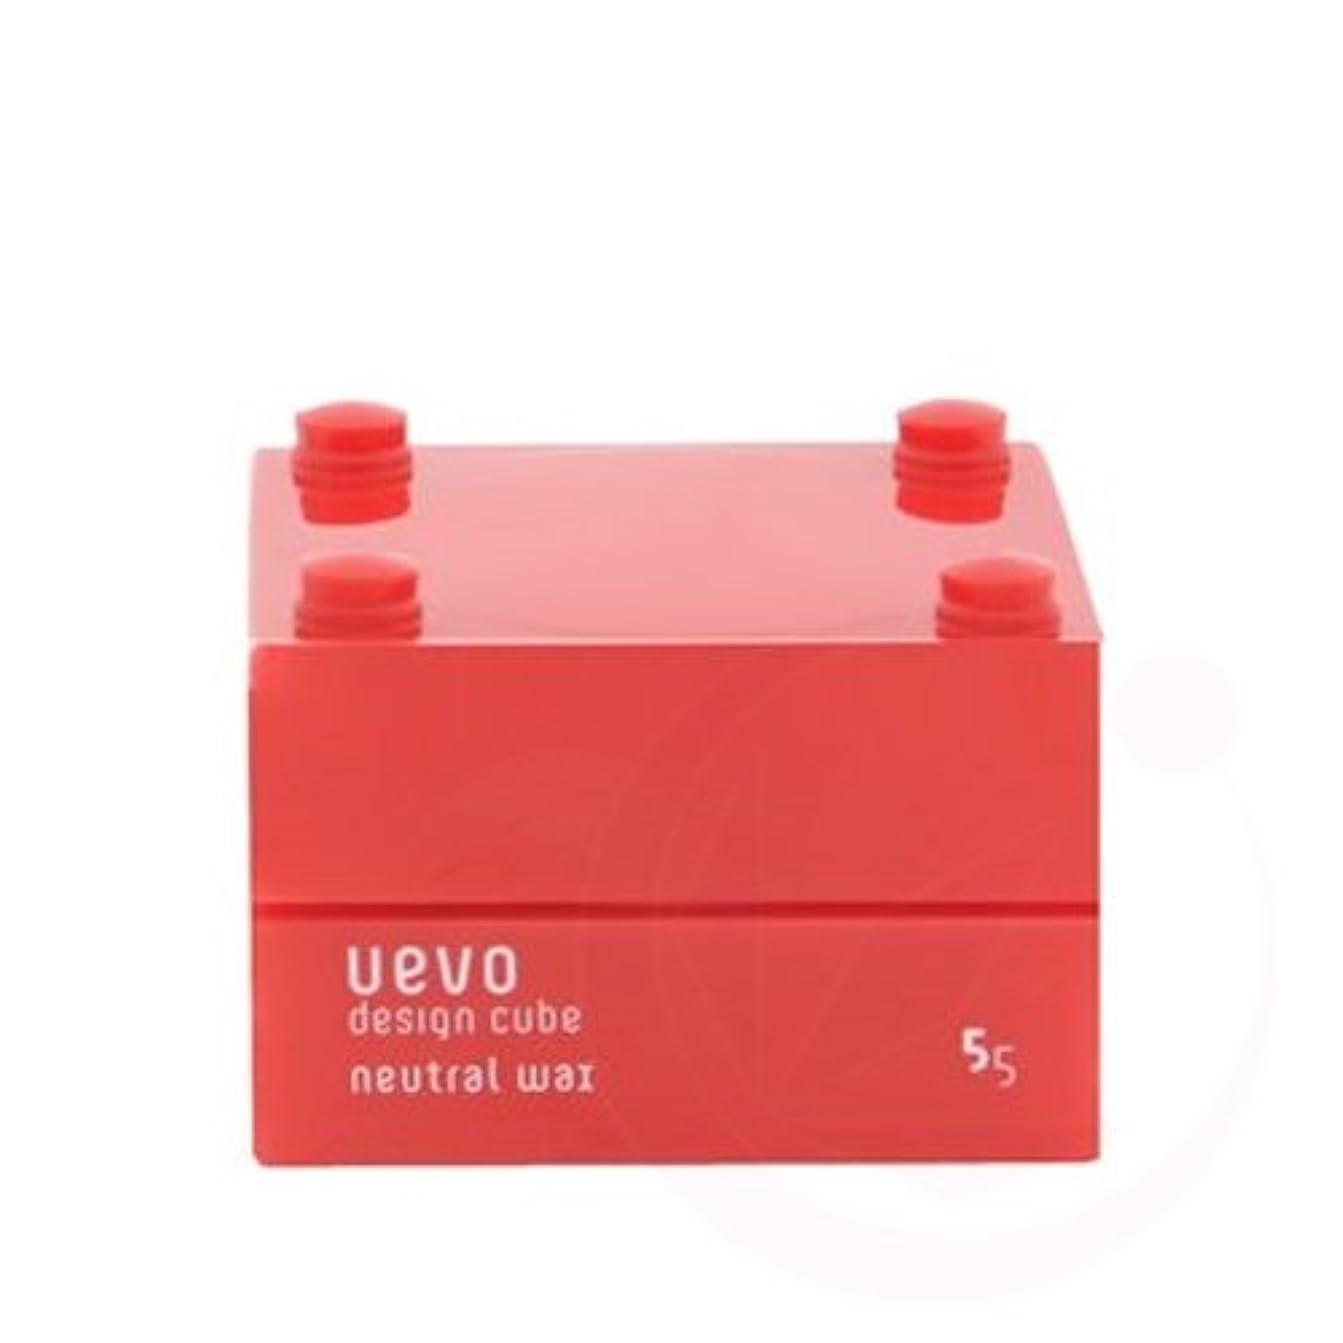 先のことを考える週末イヤホンデミ ウェーボ デザインキューブ ニュートラルワックス 30g